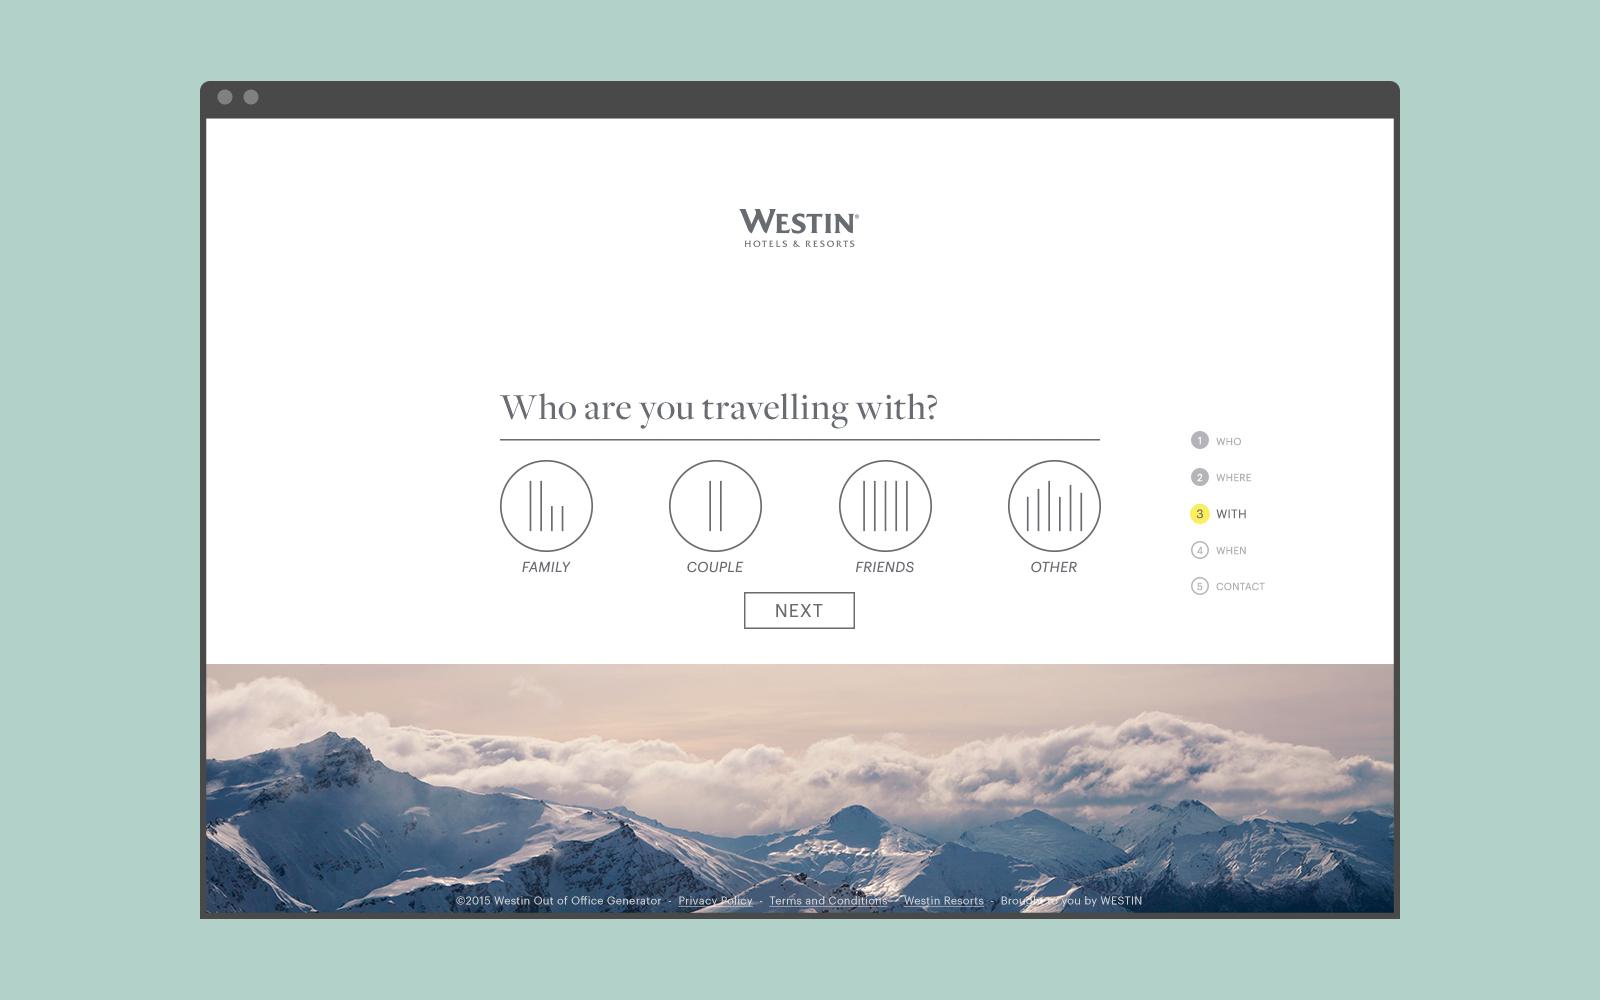 Westin_OOO_Browser_v1-4.jpg